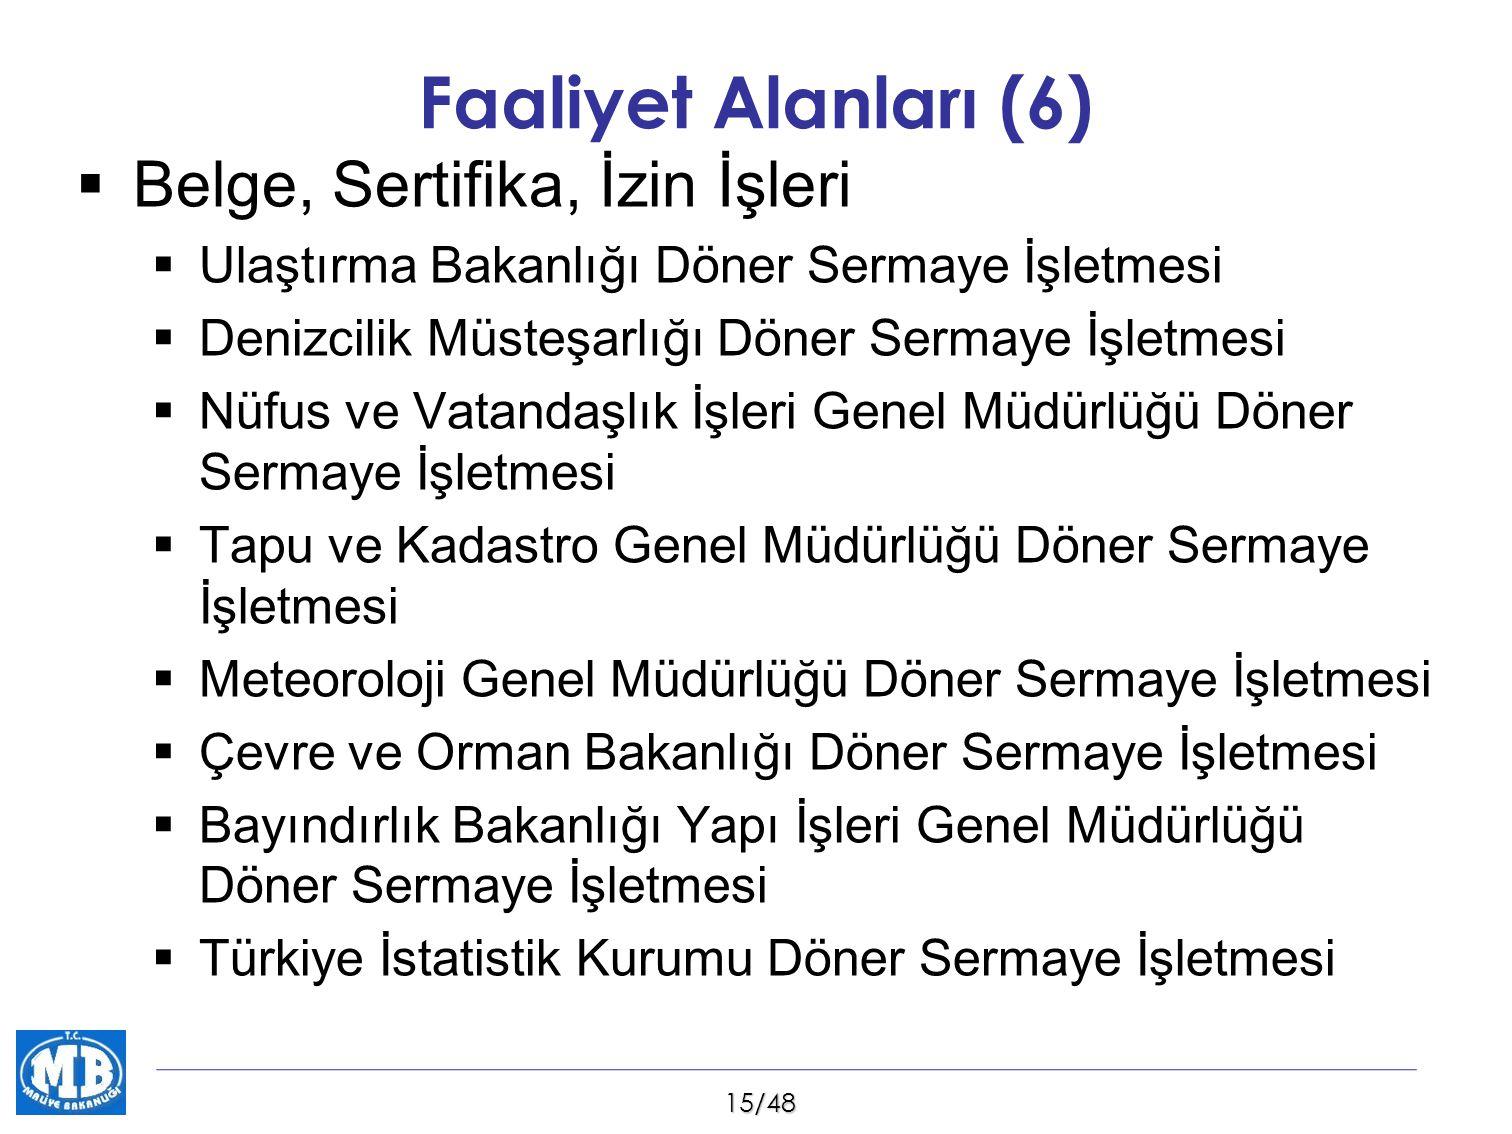 16/48 Faaliyet Alanları (7)  Proje, Araştırma, Ölçüm, Analiz  Üniversite Döner Sermaye İşletmeleri  Çalışma ve Sosyal Güvenlik Bakanlığı Eğitim ve Araştırma Döner Sermaye İşletmesi  Polis Akademisi Döner Sermaye İşletmesi  Türkiye İstatistik Kurumu Döner Sermaye İşletmesi  Dış Ticaret Müsteşarlığı Döner Sermaye İşletmesi  Bayındırlık Bakanlığı Yapı İşleri Genel Müdürlüğü Döner Sermaye İşletmesi